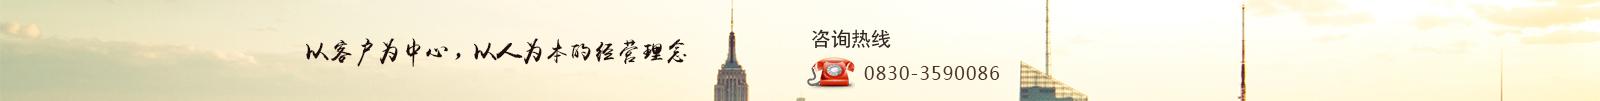 地竞博app首页竞博job官网库